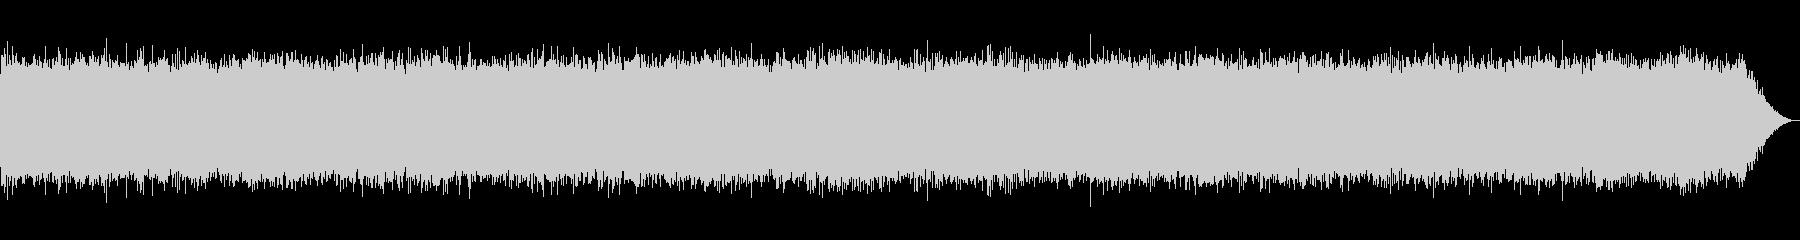 冷蔵庫の中の音01(3分-ローカット版)の未再生の波形